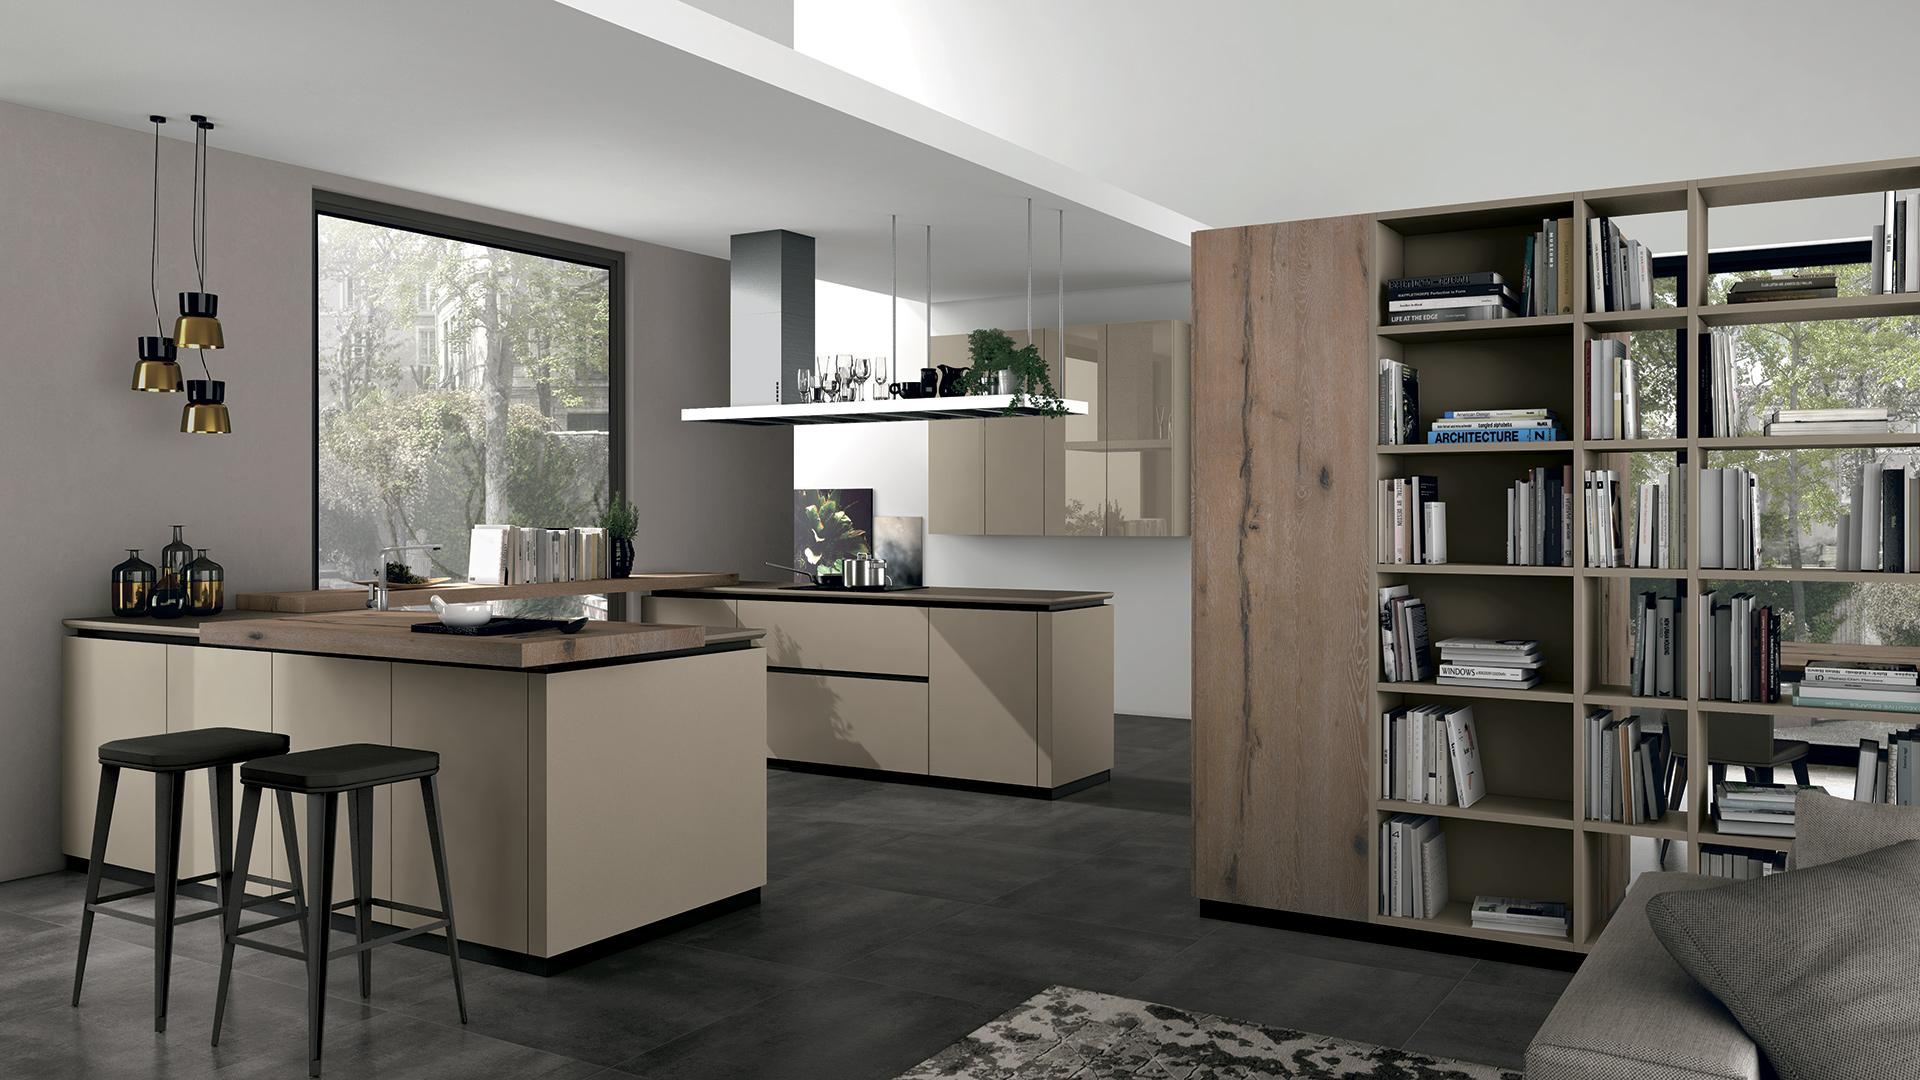 Cucine Lube - Lube Store Milano - Le Cucine Lube & Creo a Milano